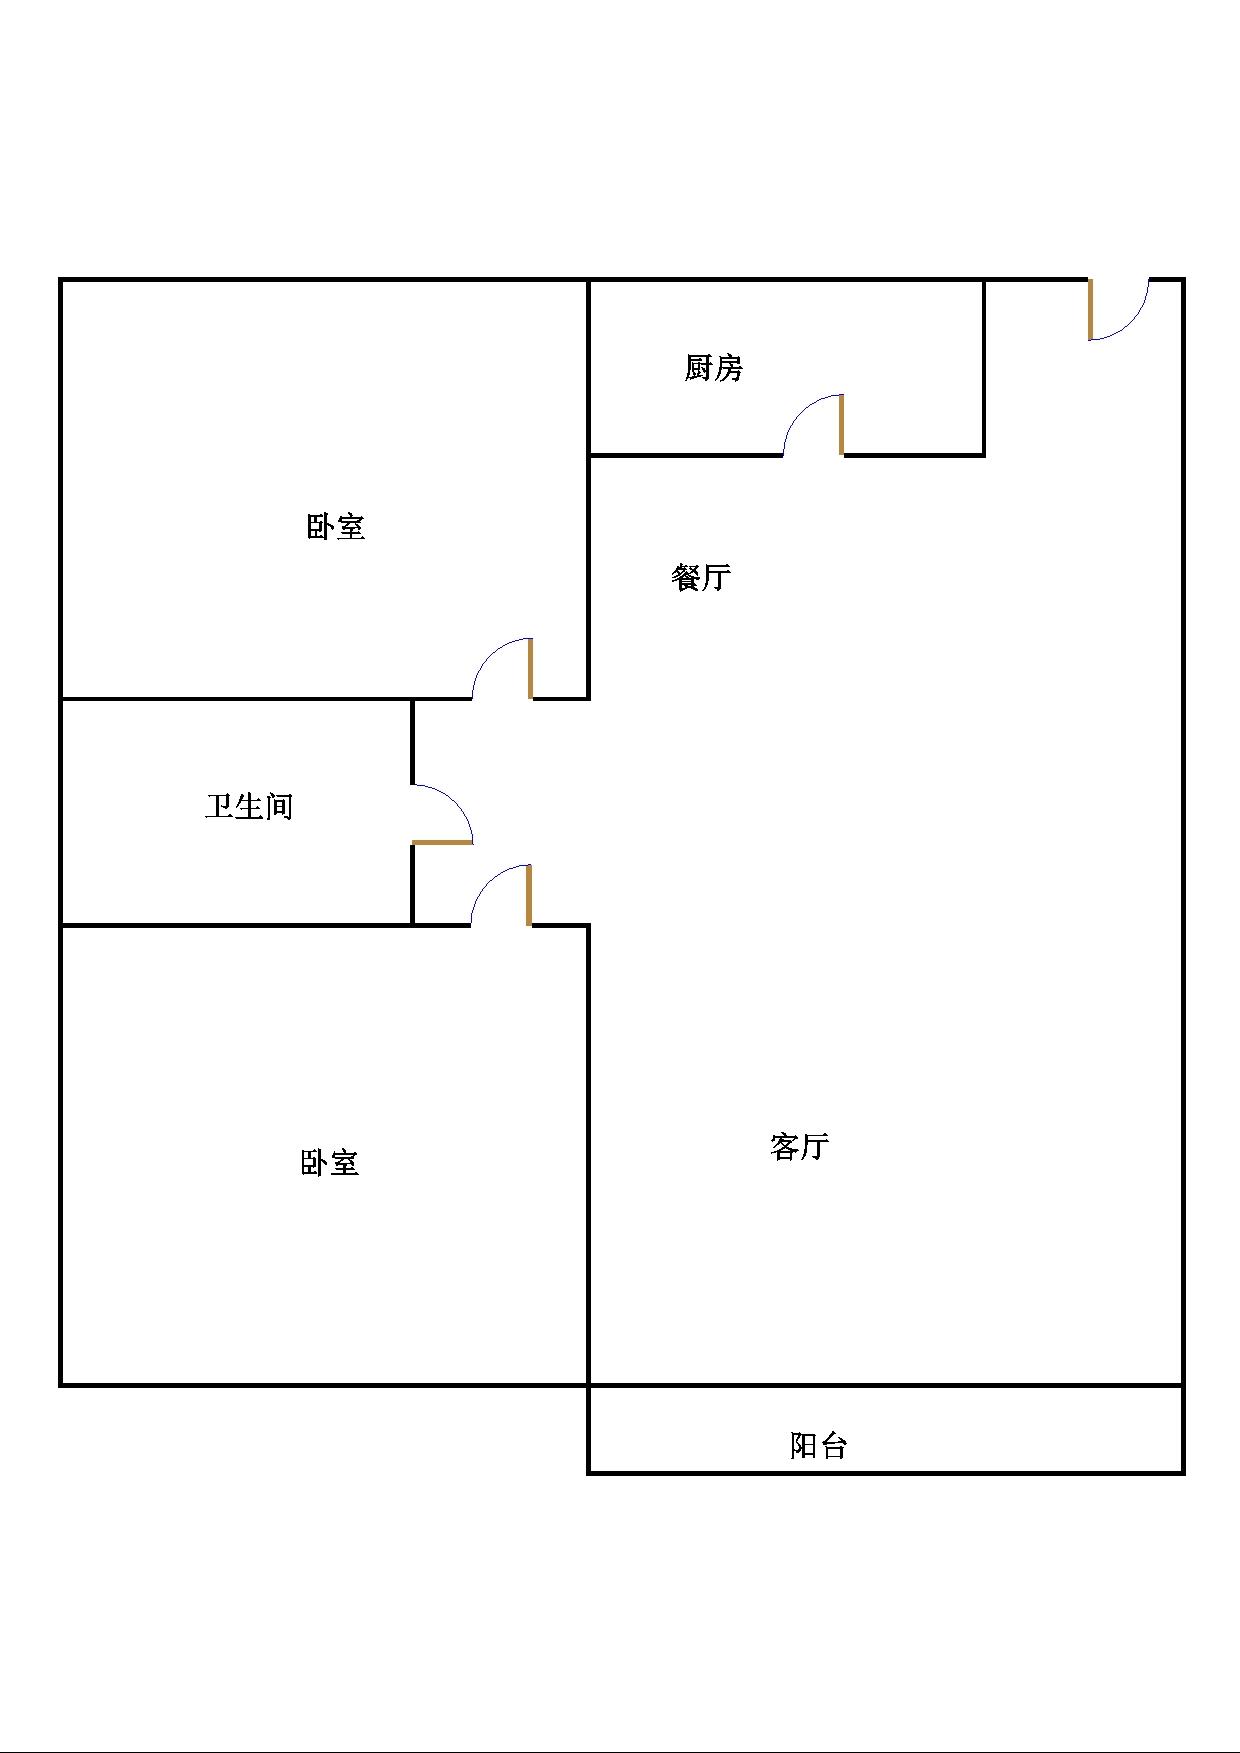 尚城国际 2室2厅 双证齐全 精装 89万